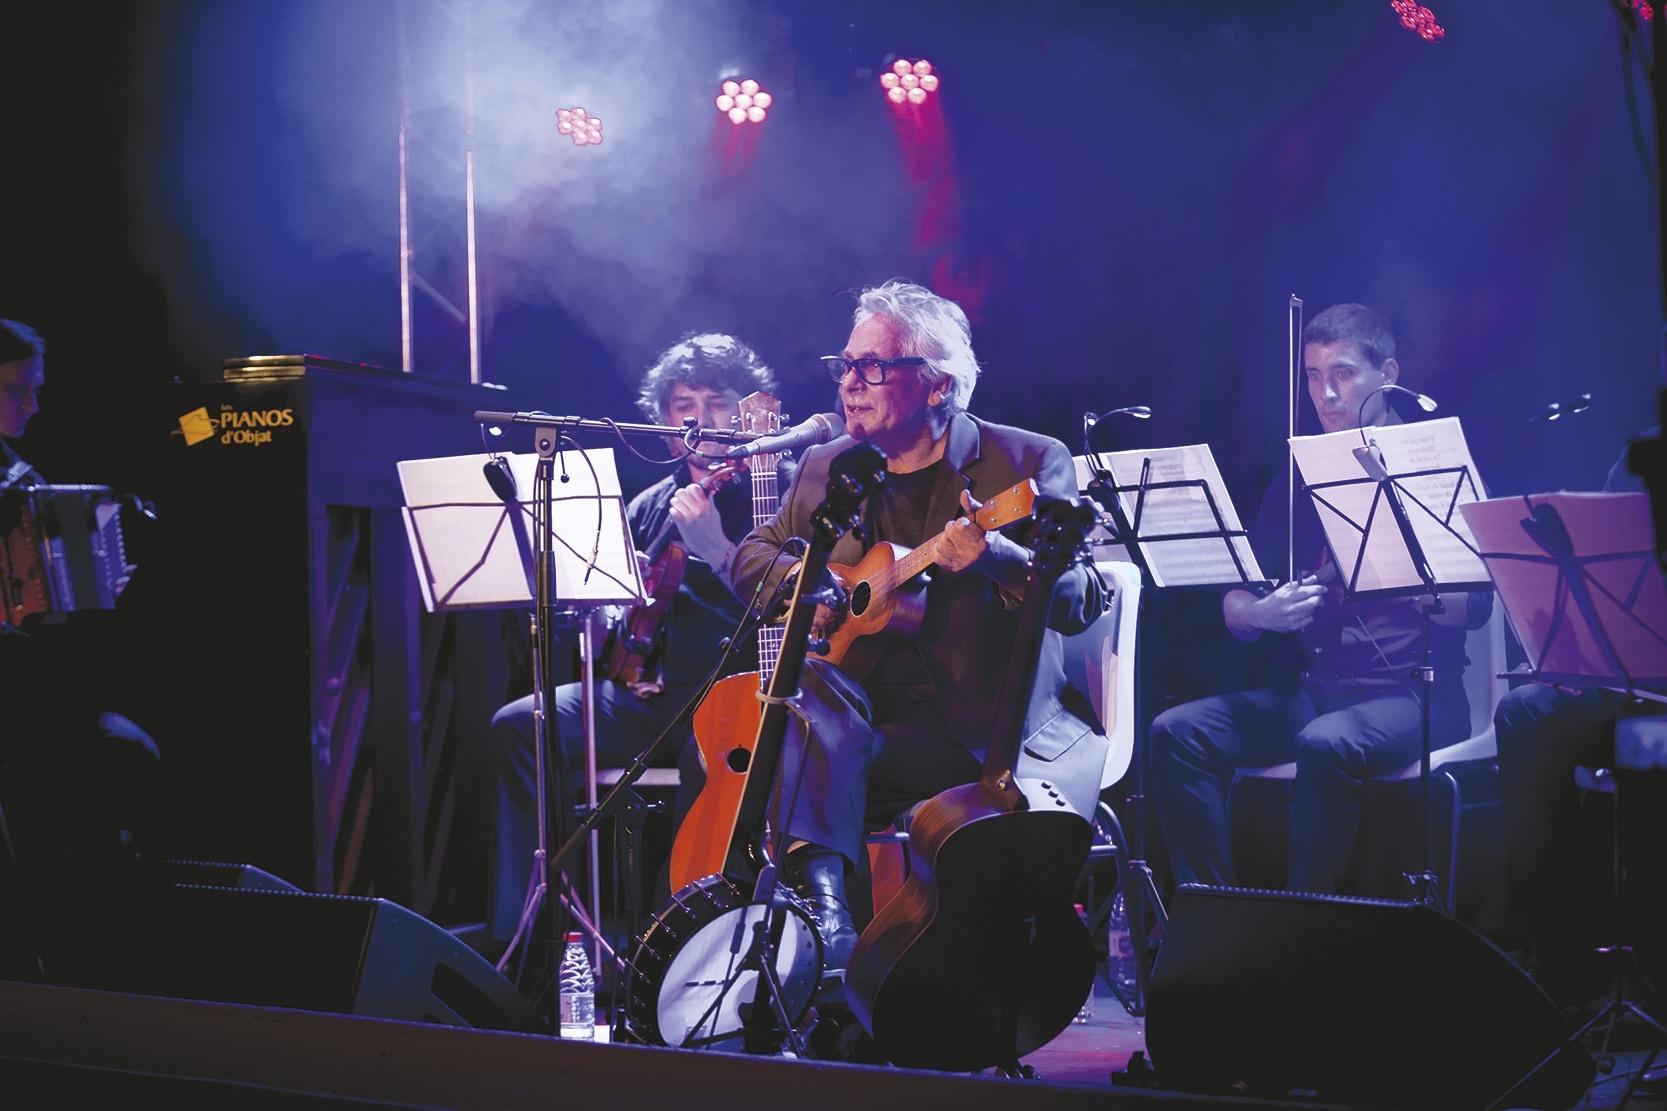 Eric Guilleton et l'Ensemble DécOUVRIR